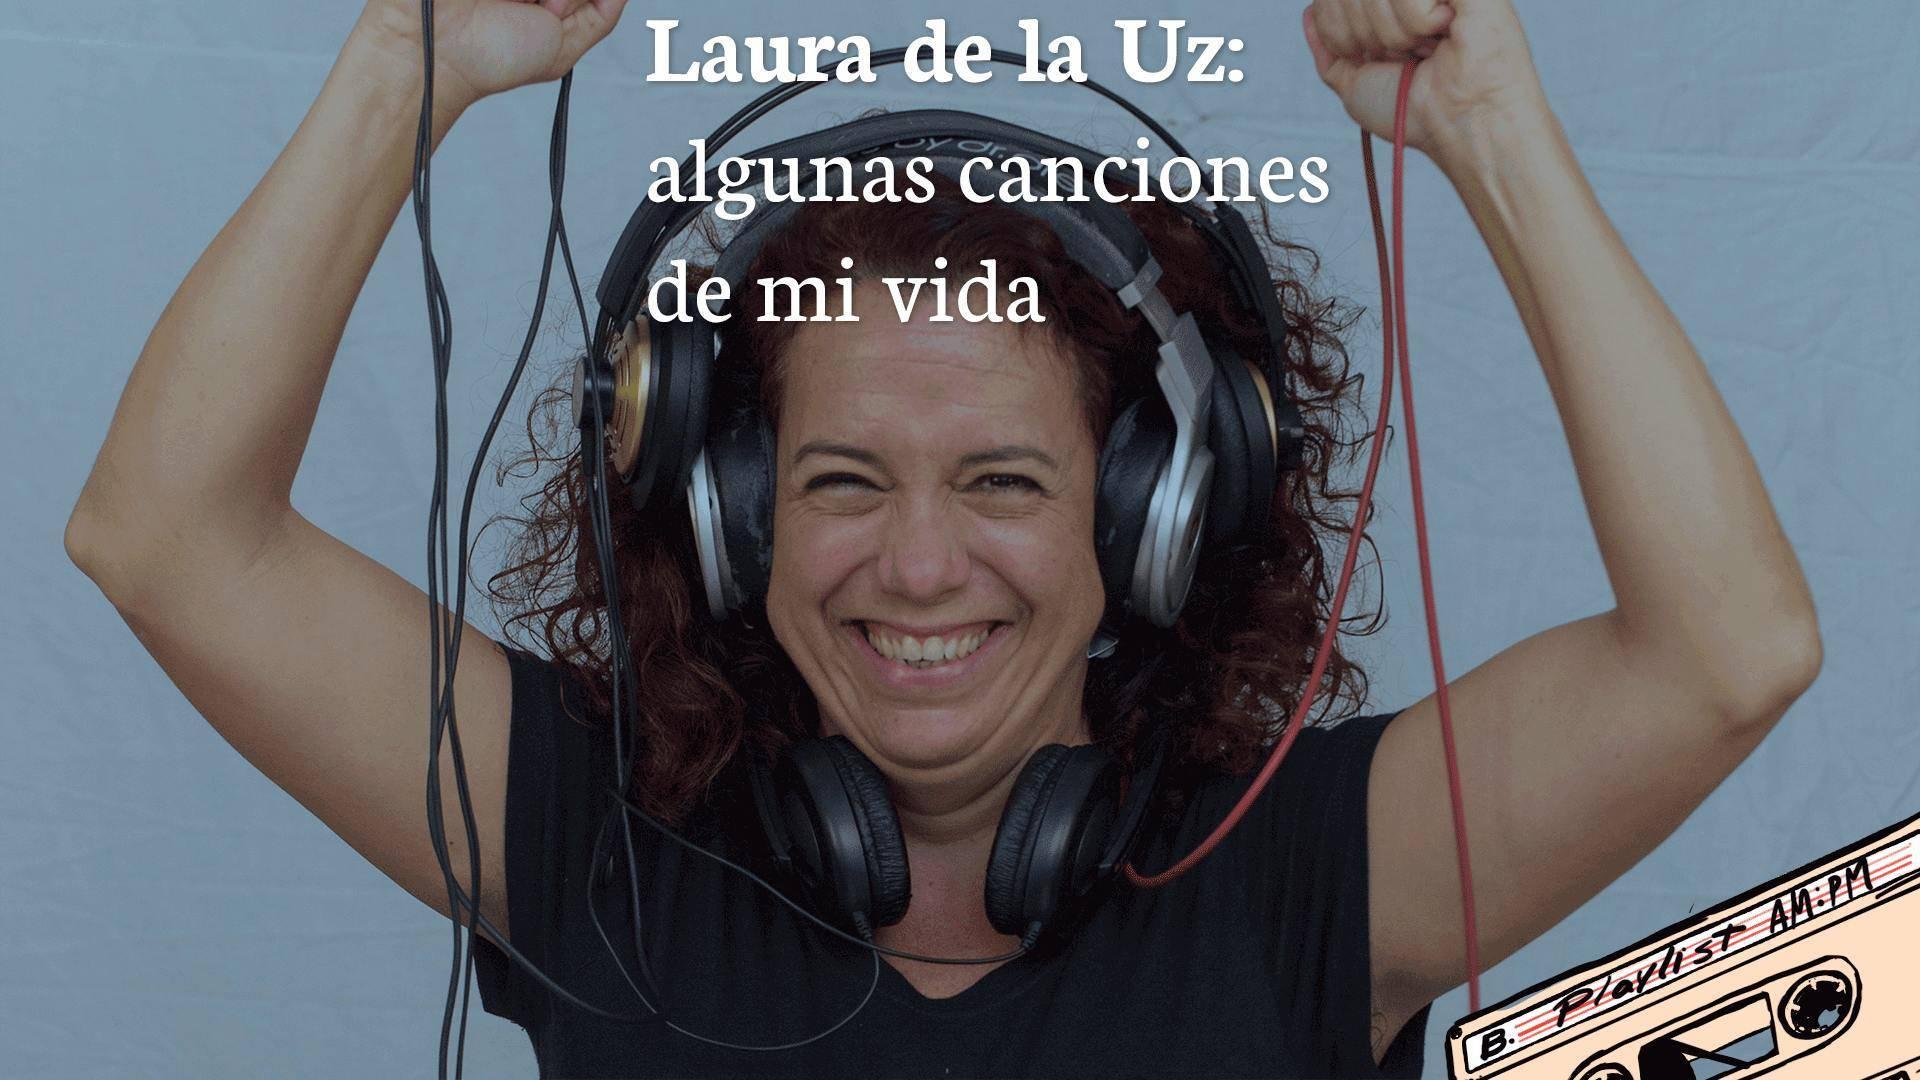 Laura de la Uz. Foto: Héctor Garrido.